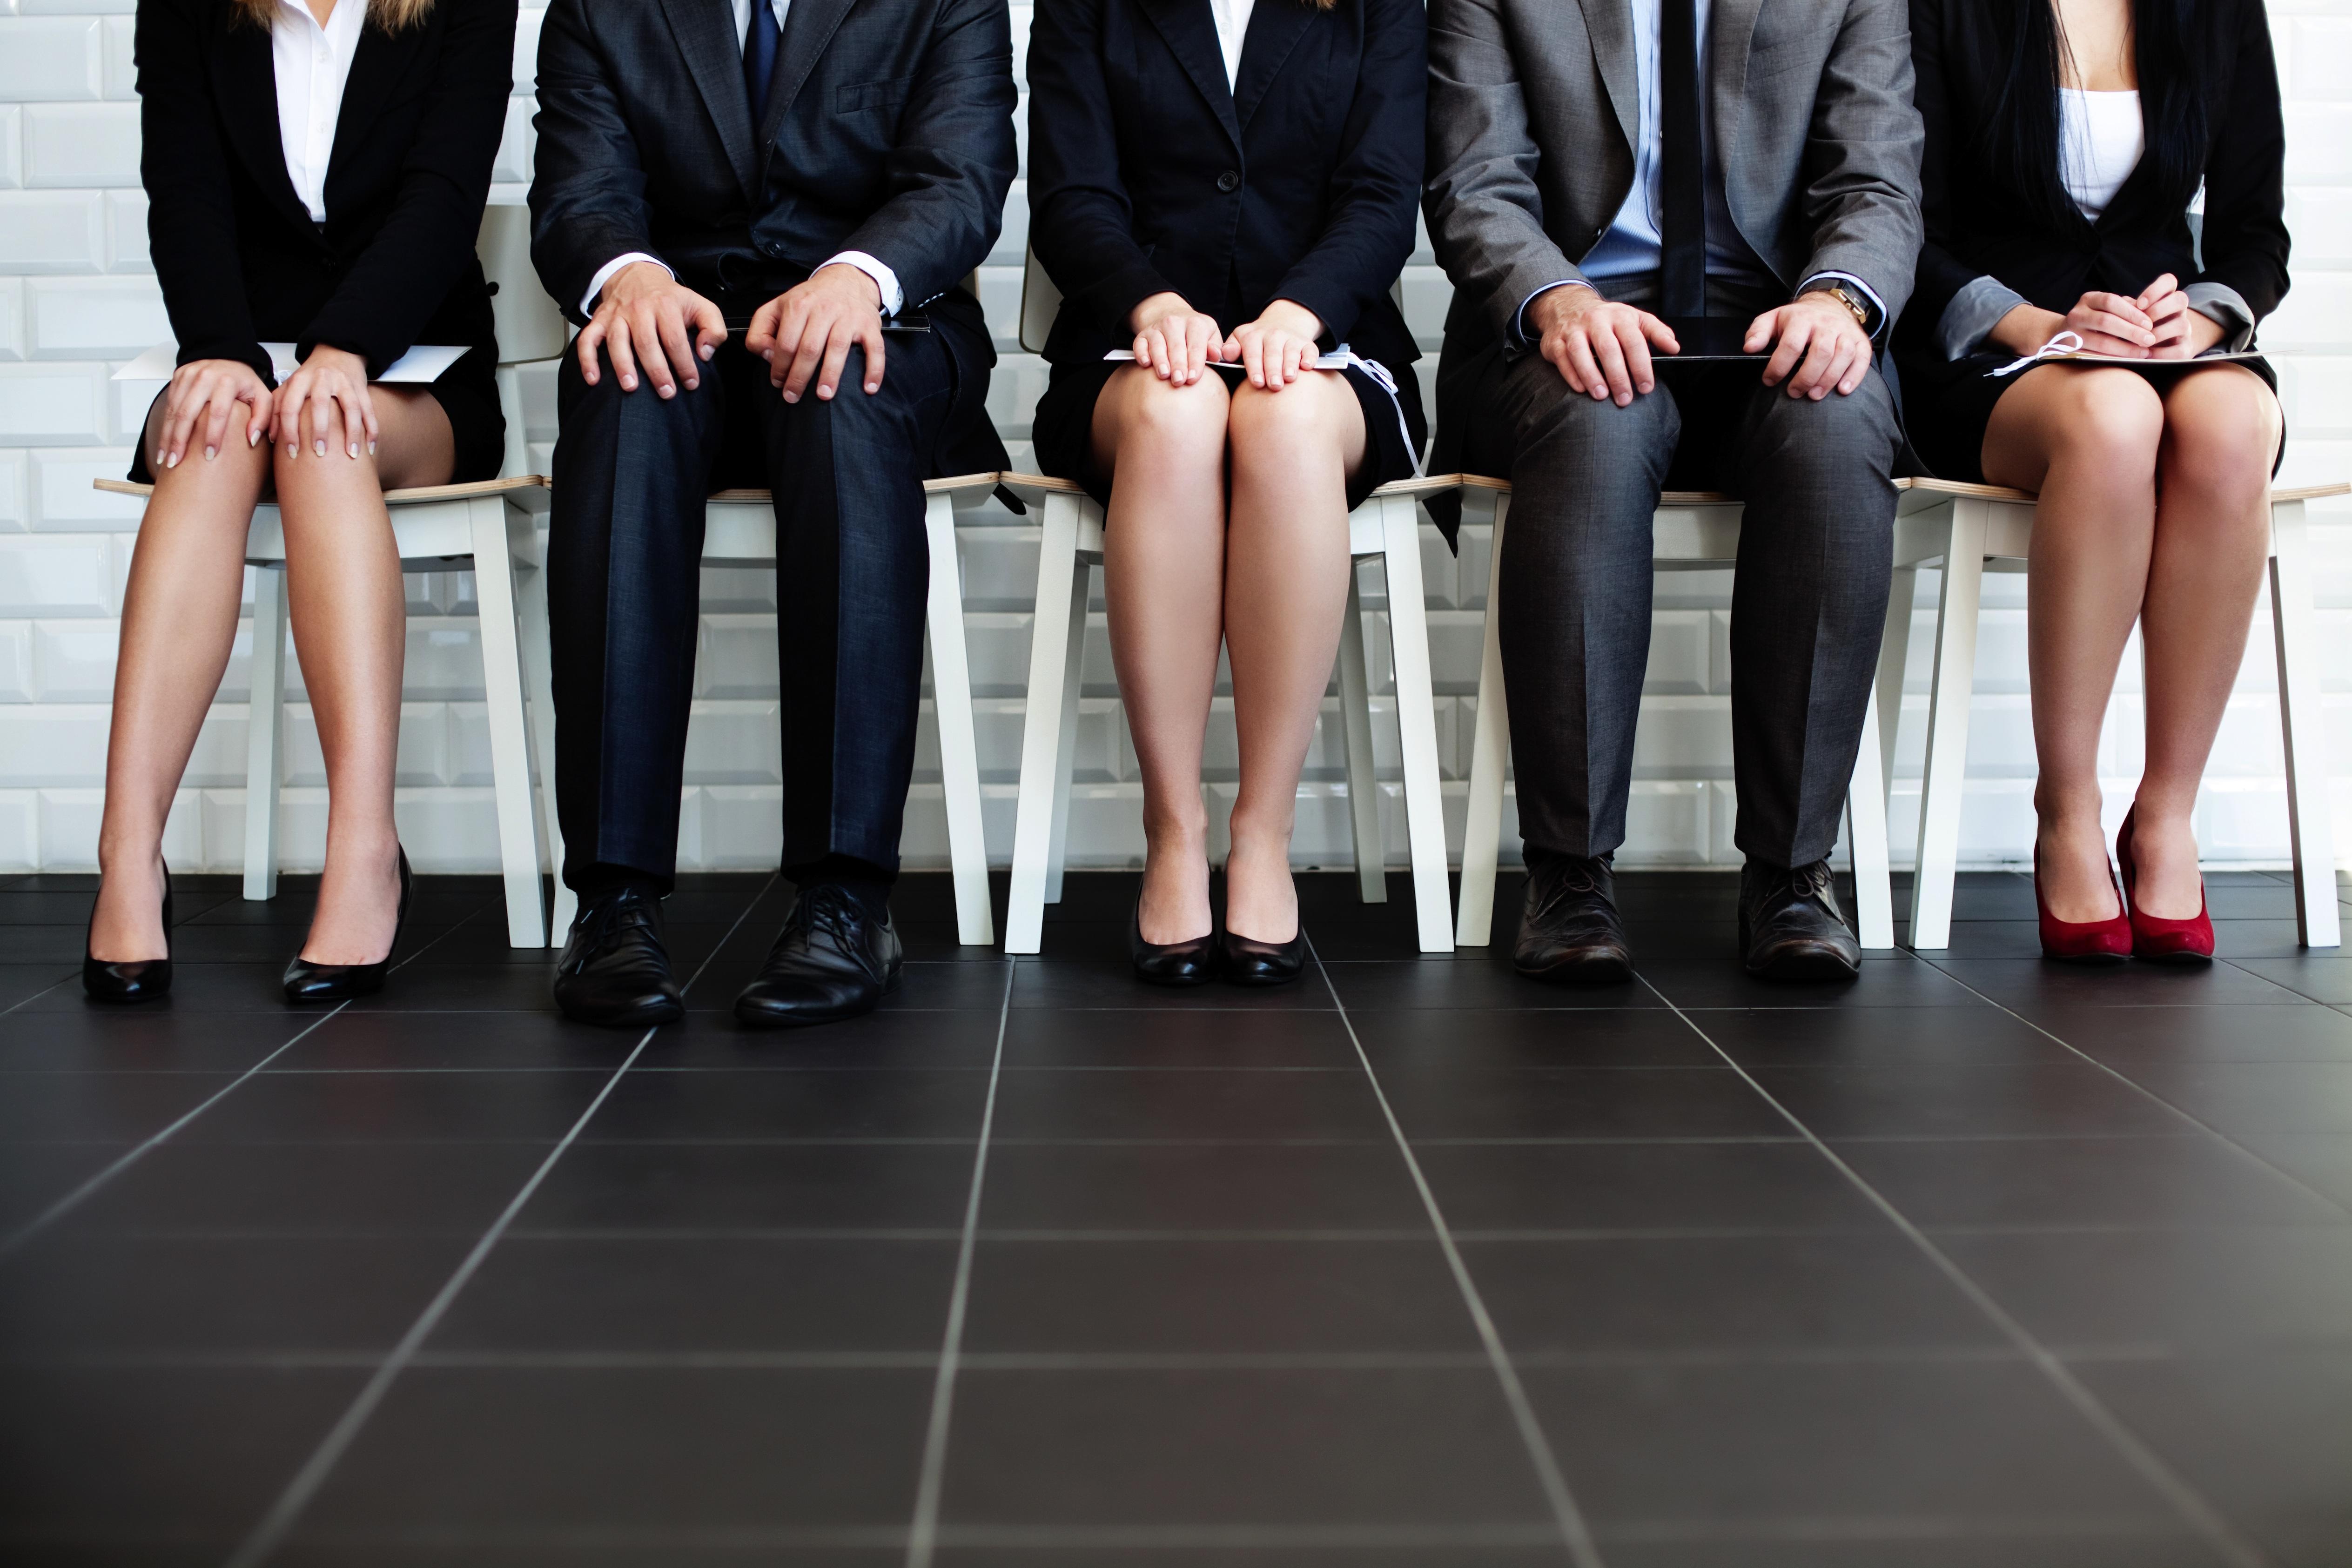 ライターがアルバイトを在宅でするときの7つの心得と仕事の探し方を徹底解説!